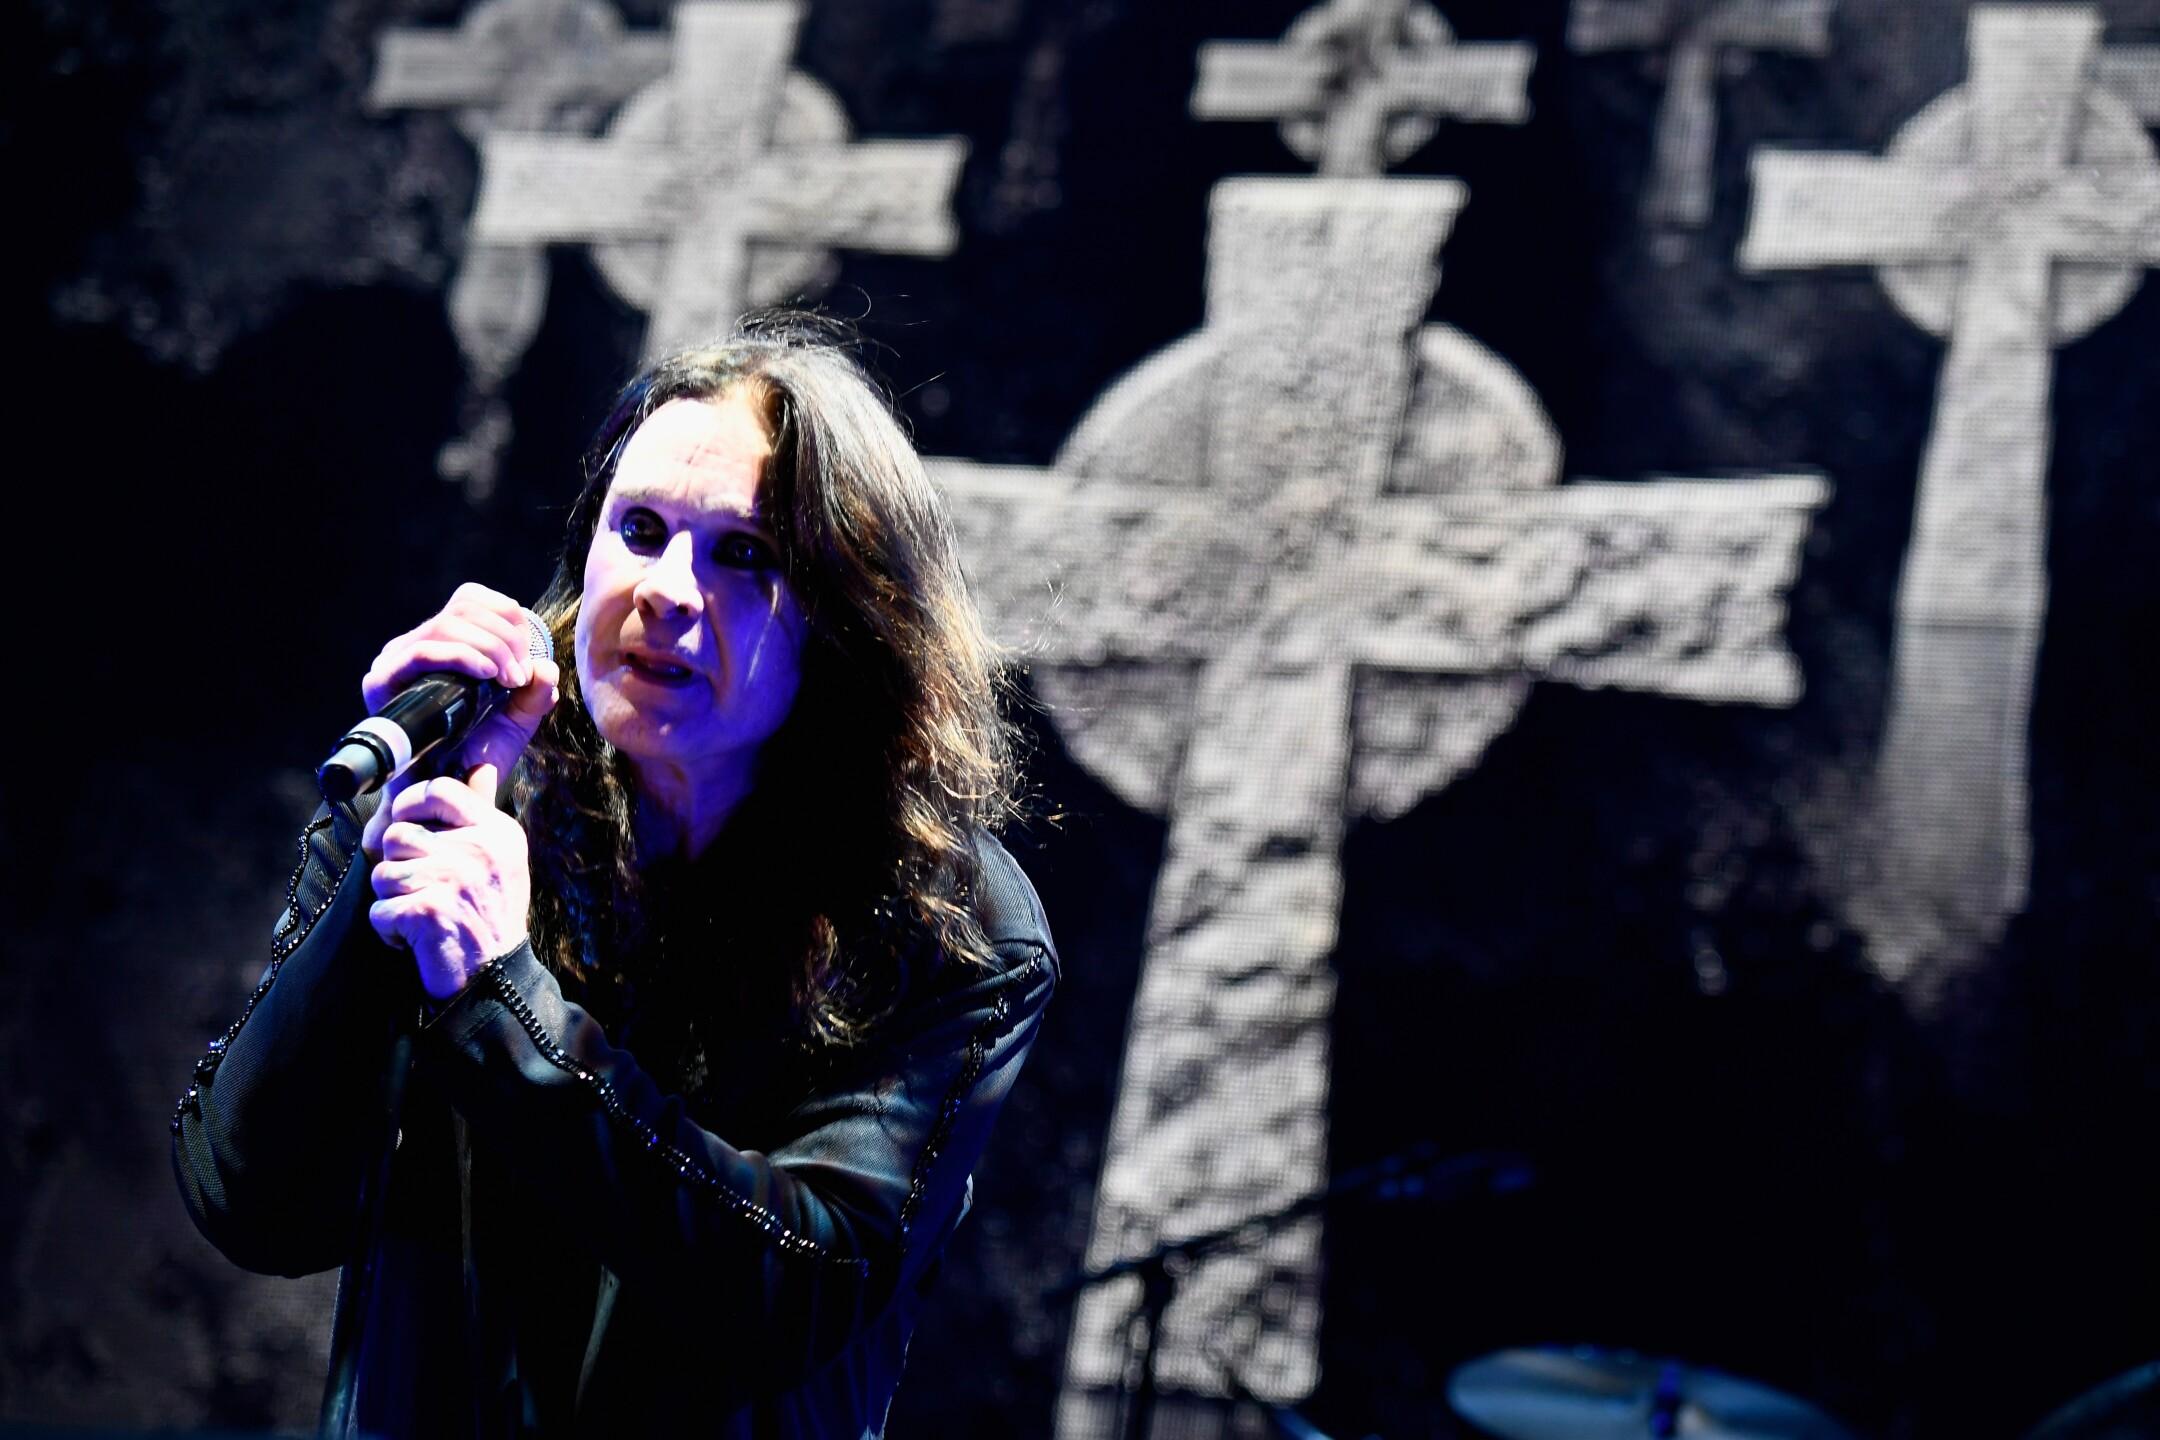 Ozzfest 2016